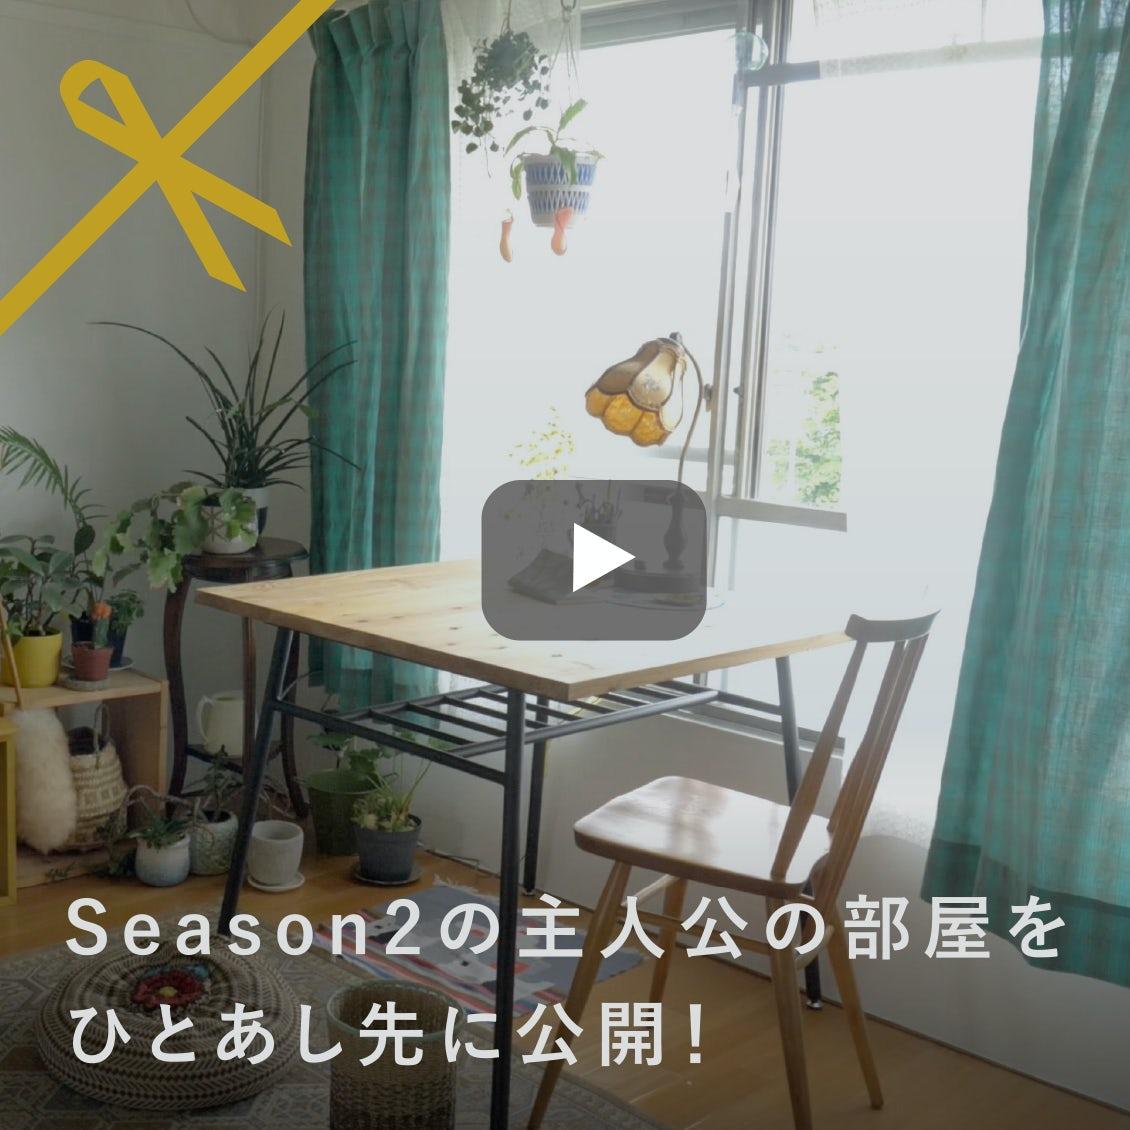 【お知らせ】『ひとりごとエプロン』主人公のルームツアー動画公開。クラウドファンディング、引き続き募集中!